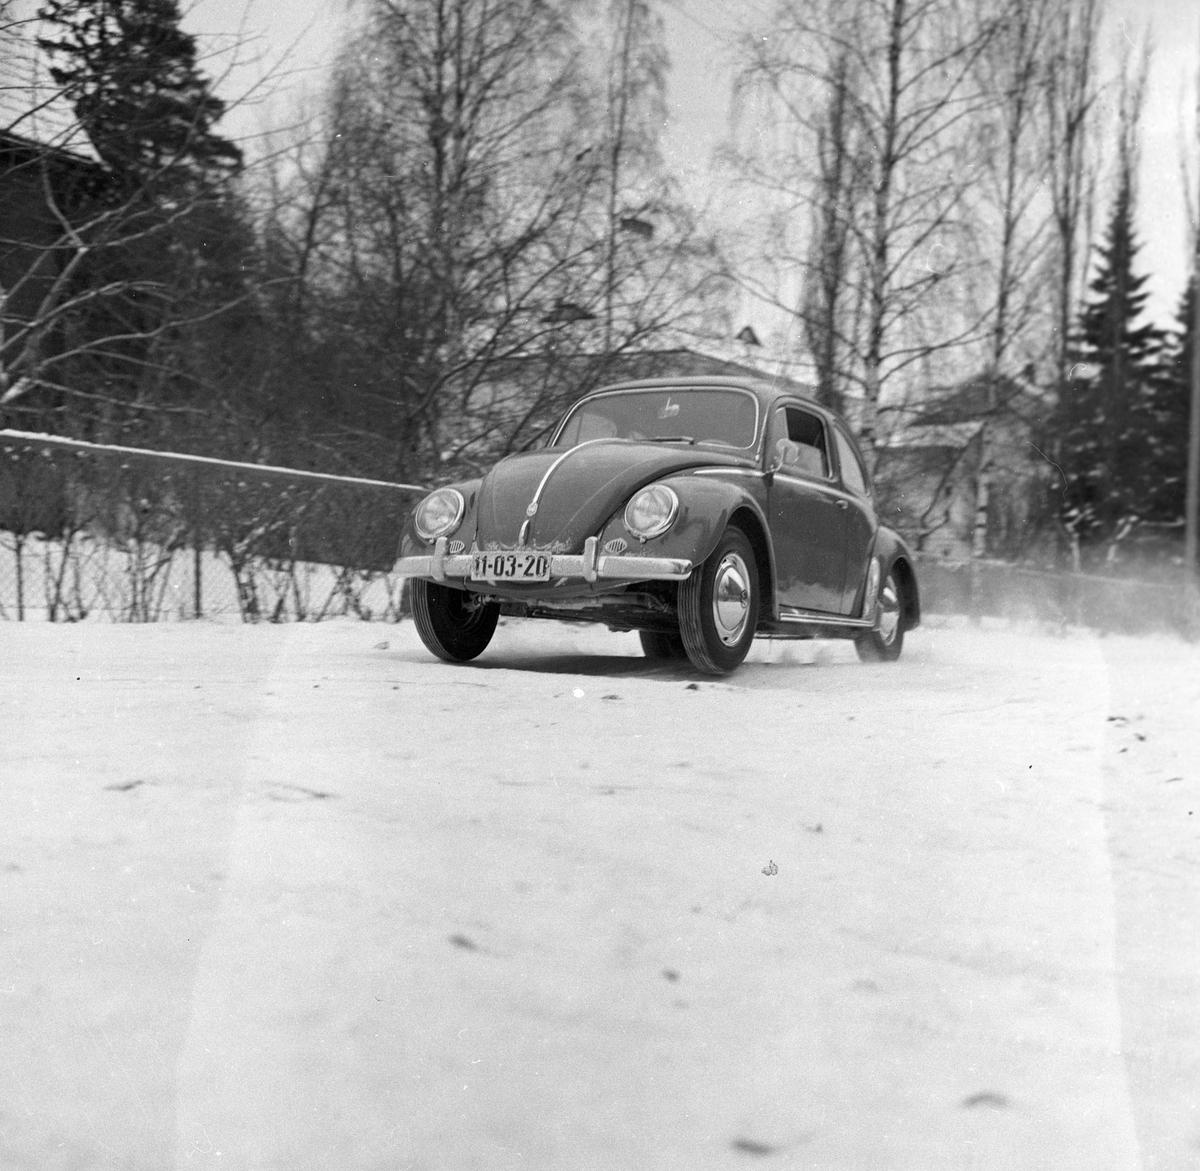 Testing av Volkswagen regnr.11-03-20. Fotografert 1958.